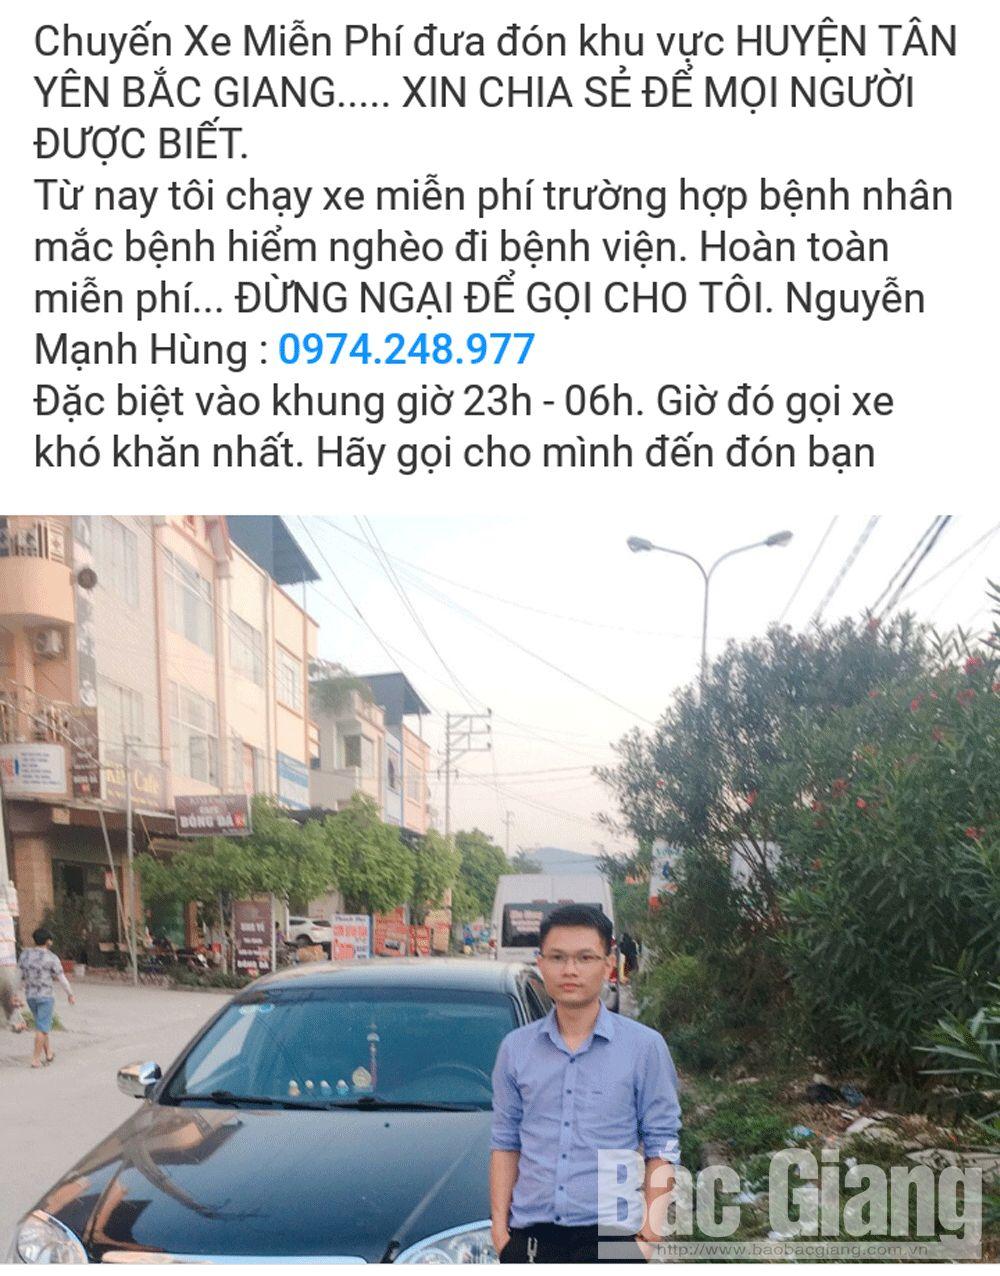 tự thiện; chuyến xe miễn phí; giúp bệnh nhân nghèo; Tân Yên